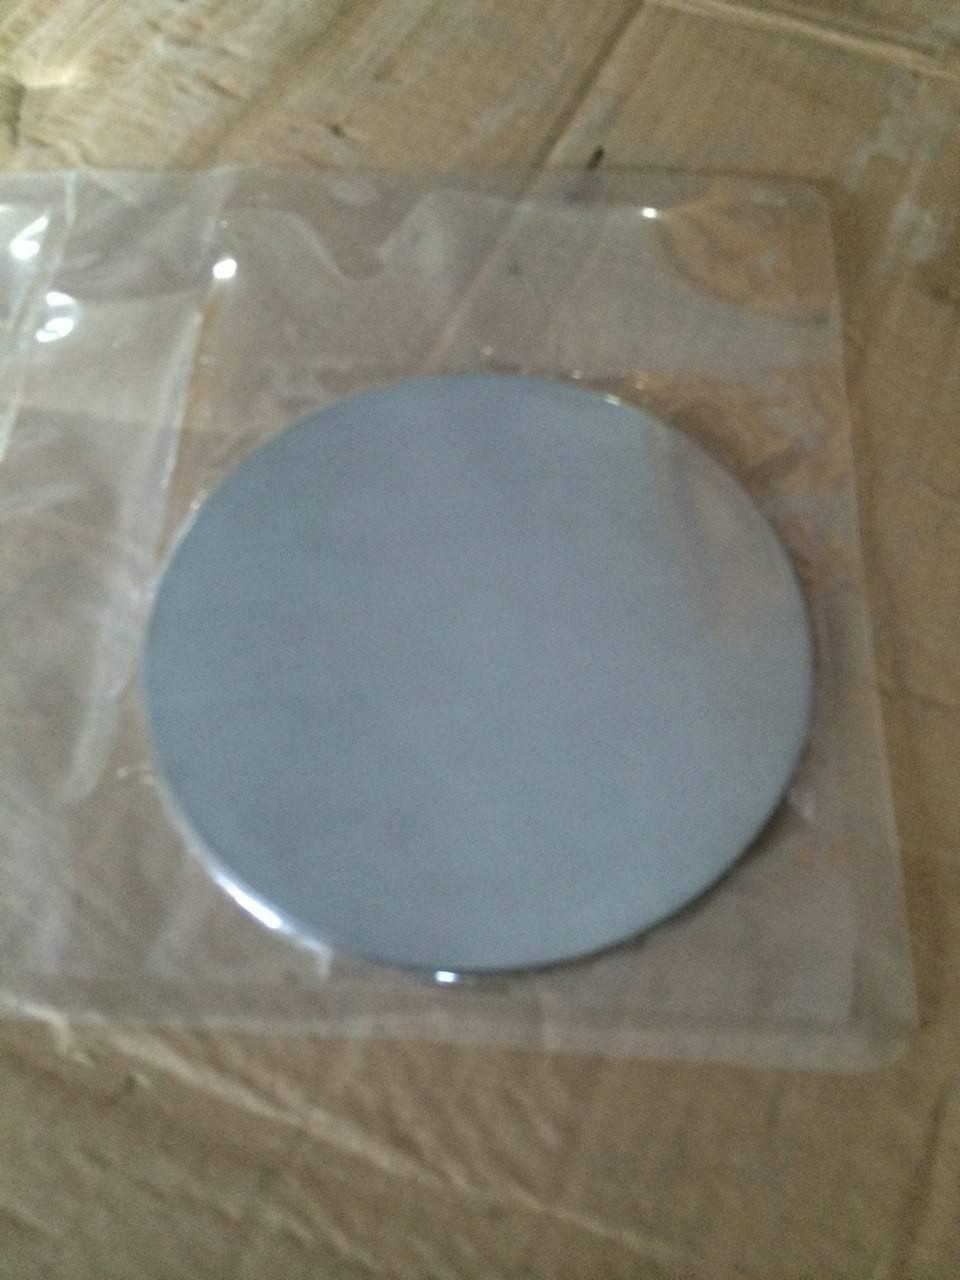 Sinter Metal Powder Muffler Filter